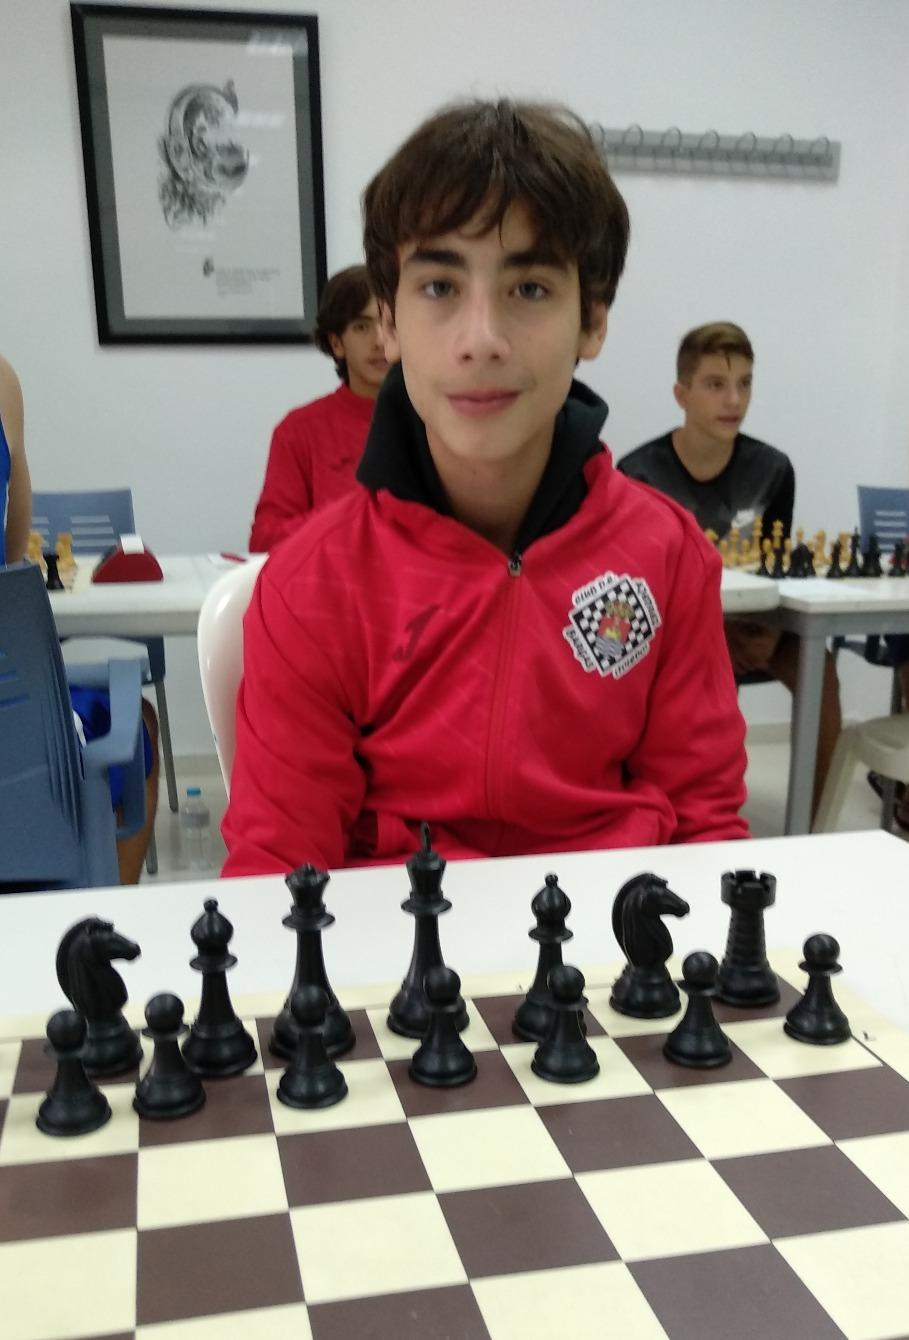 Miguel Ruiz jugando